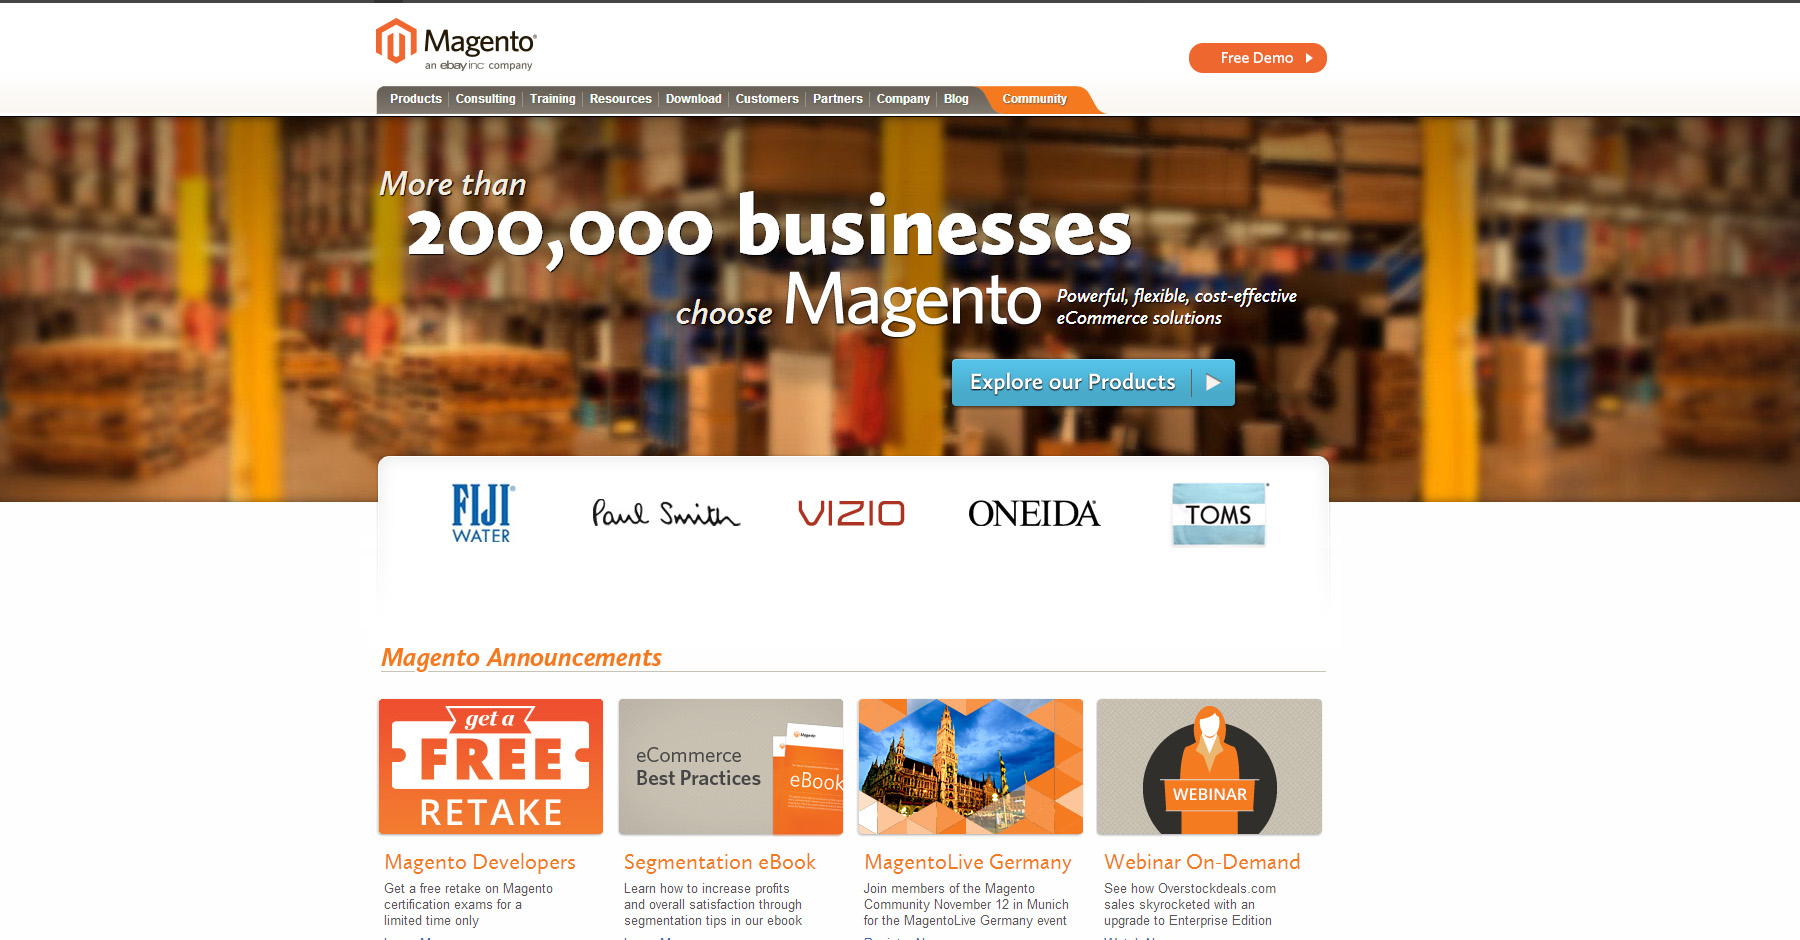 Magento.com hivatalos magento oldal régi verzió